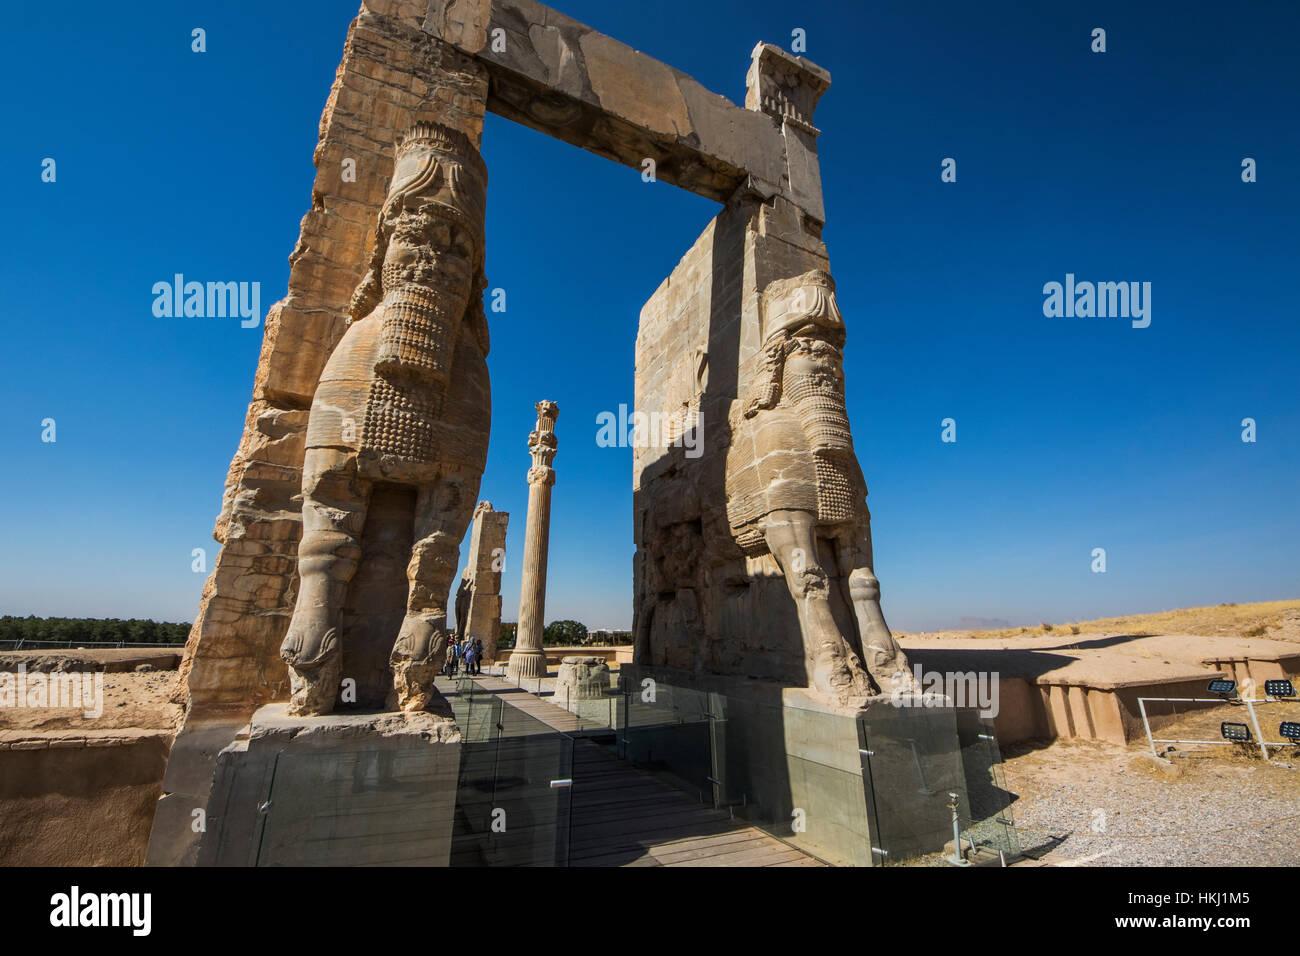 La puerta de todas las naciones, Persépolis; provincia de Fars, Irán Imagen De Stock